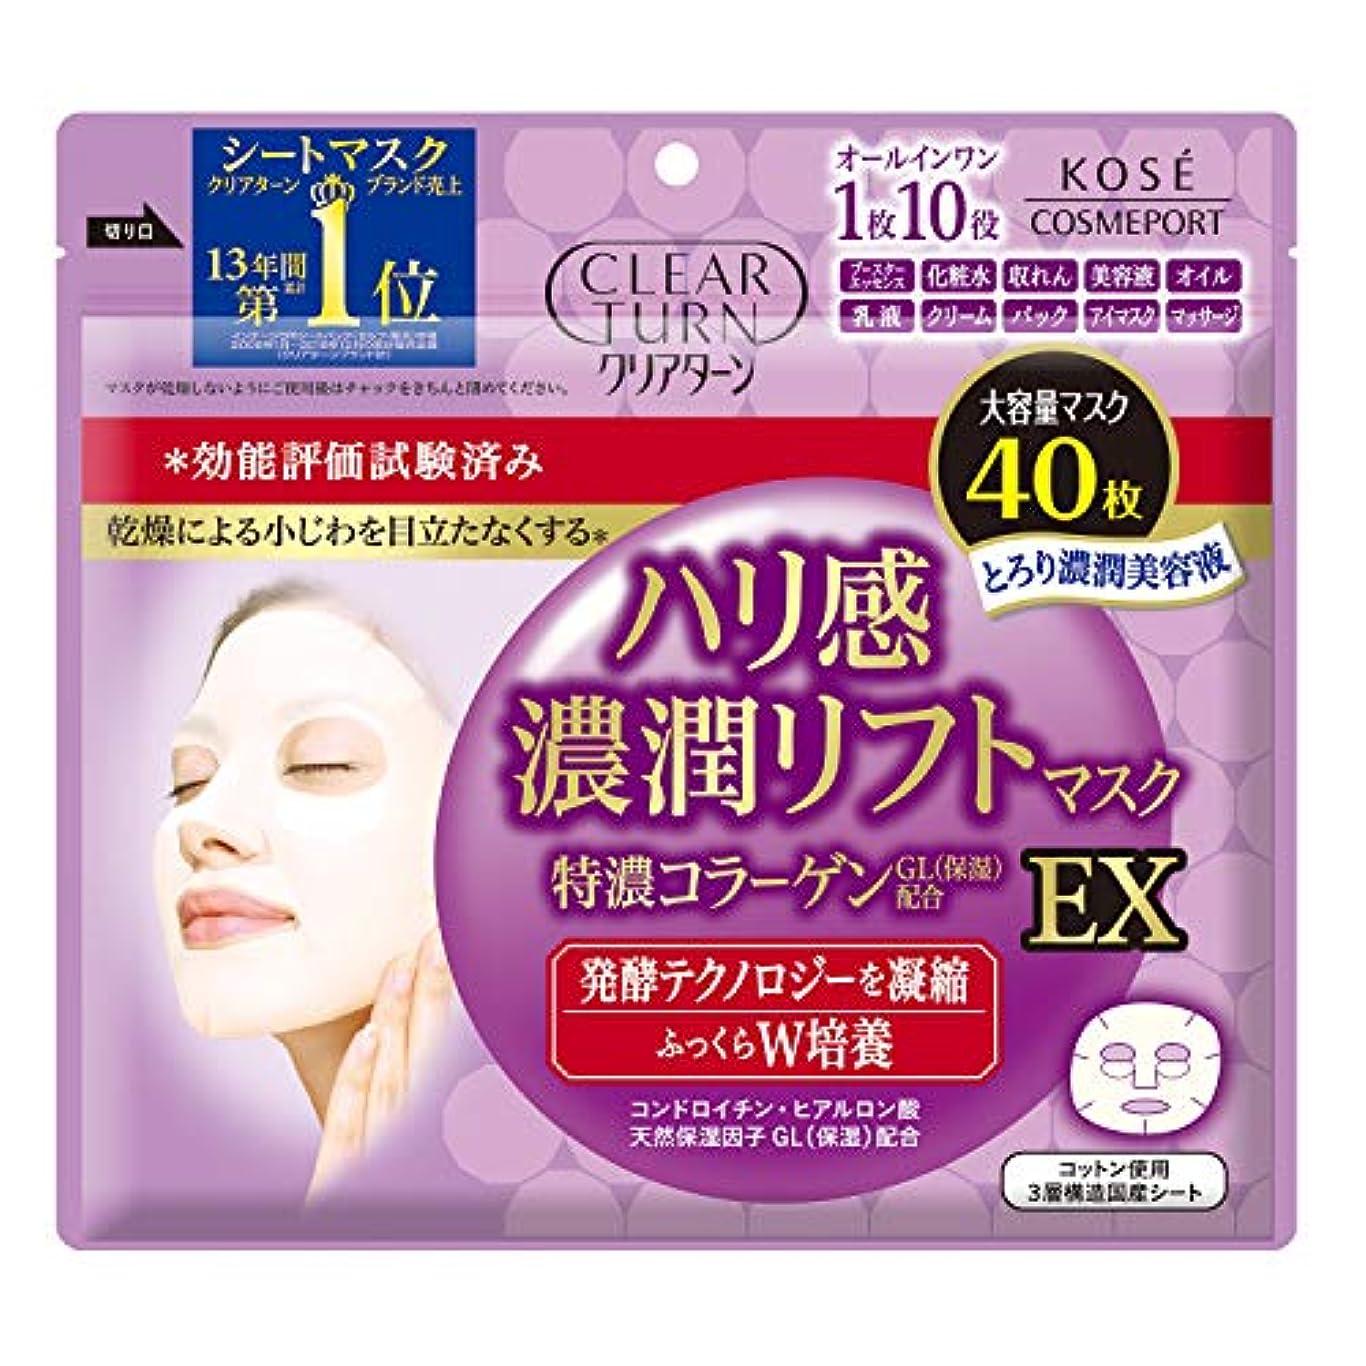 スケジュールコーナー認めるクリアターン ハリ感濃潤リフトマスク EX フェイスマスク 40枚